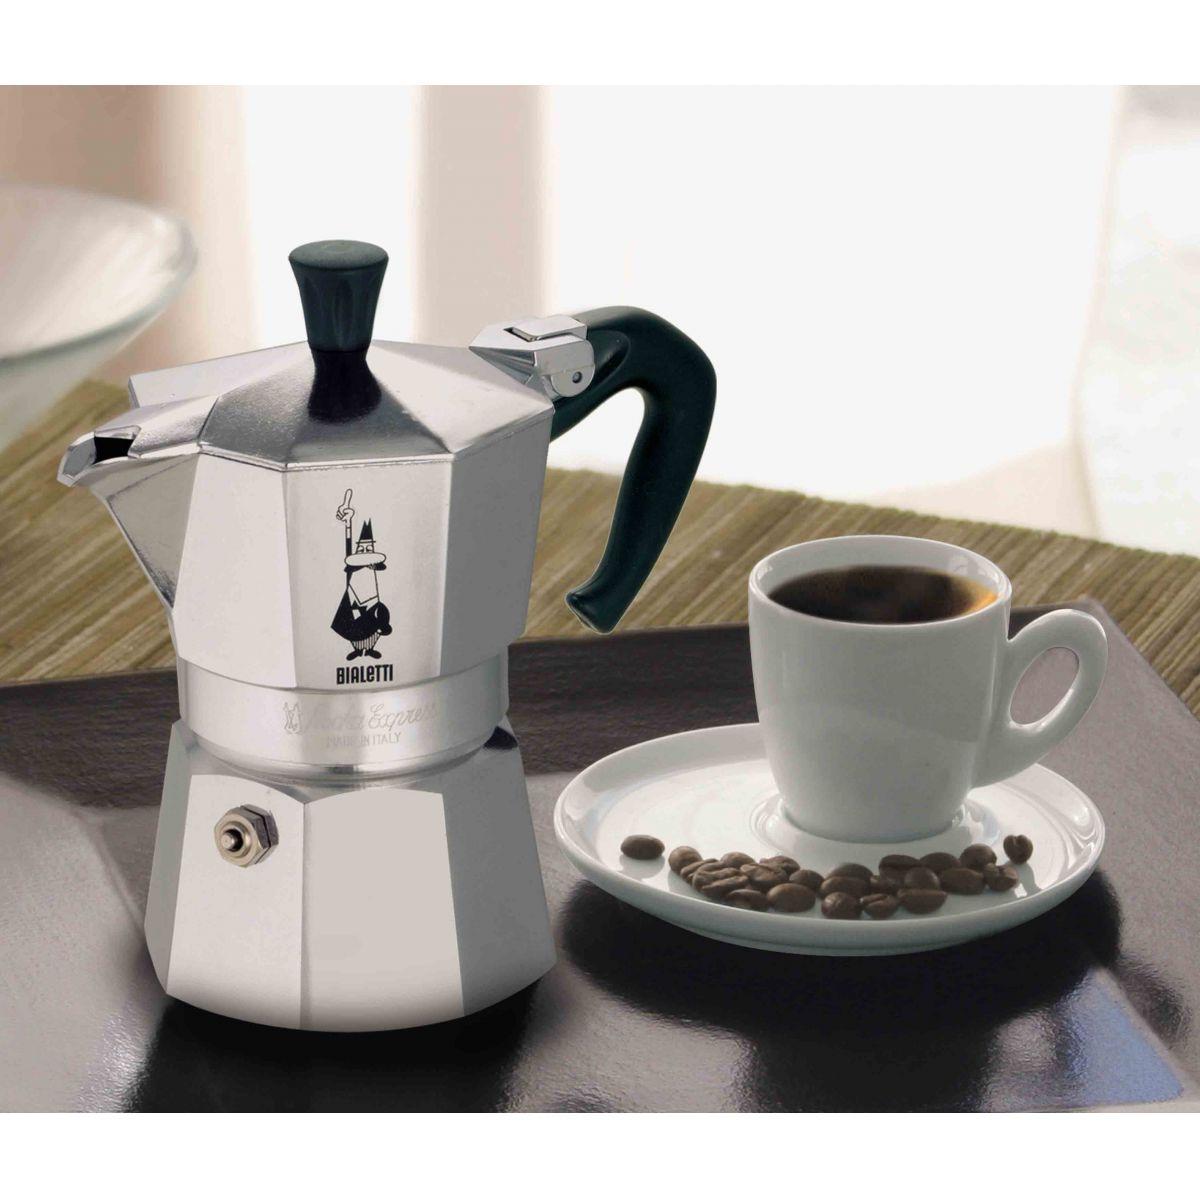 Cafeteira Bialetti Nuova Moka Express 6 Xícaras produz café tipo expresso em minutos